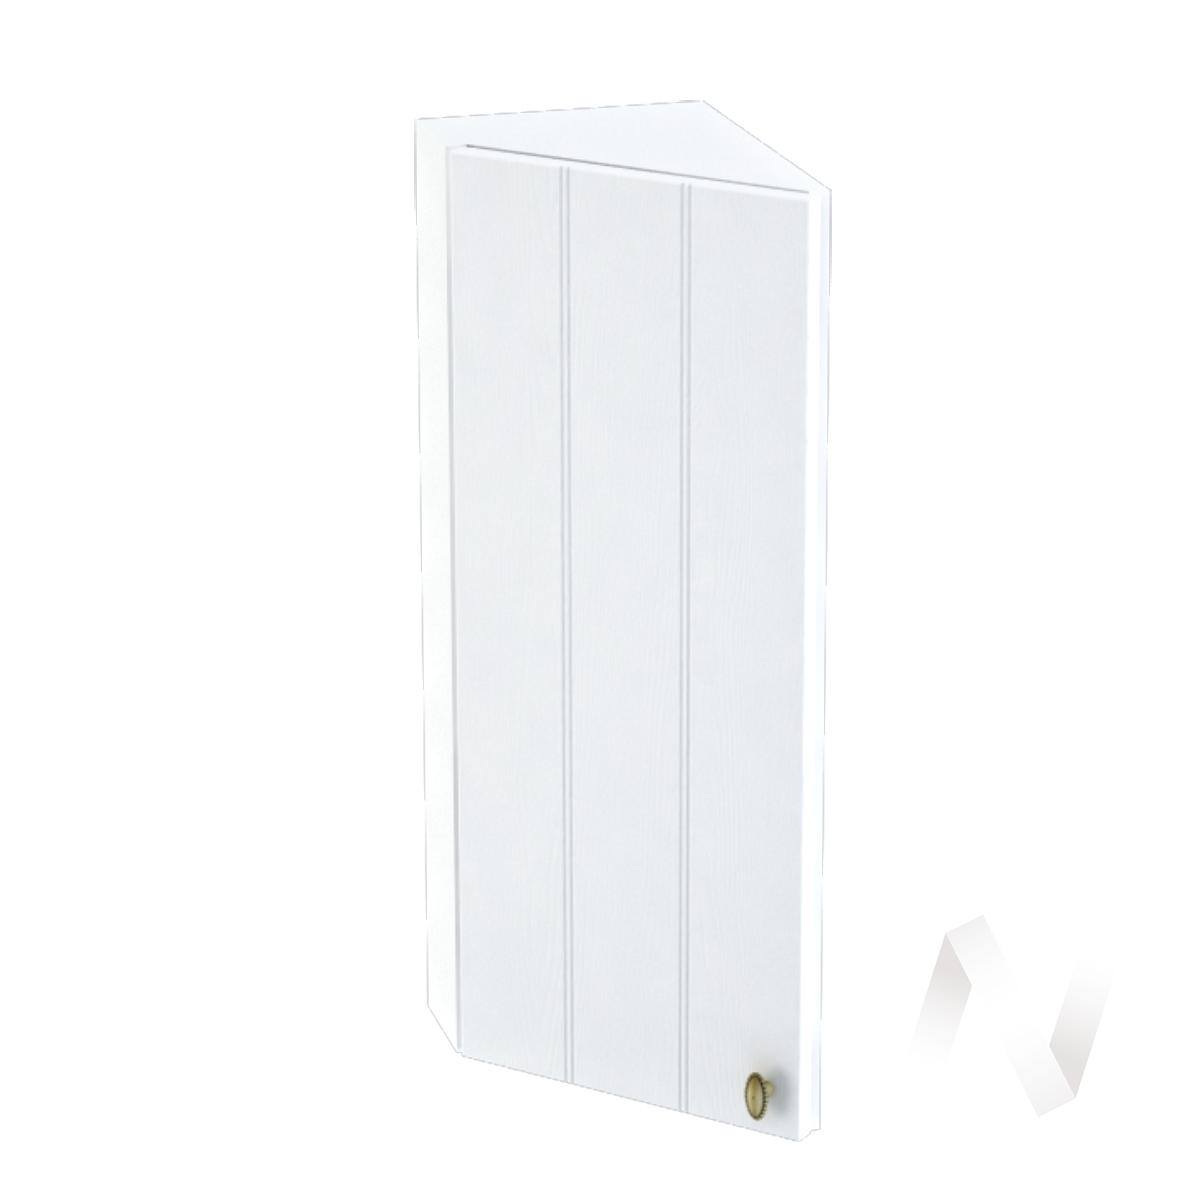 """Кухня """"Прованс"""": Шкаф верхний торцевой 224, ШВТ 224 (белое дерево/корпус белый)"""